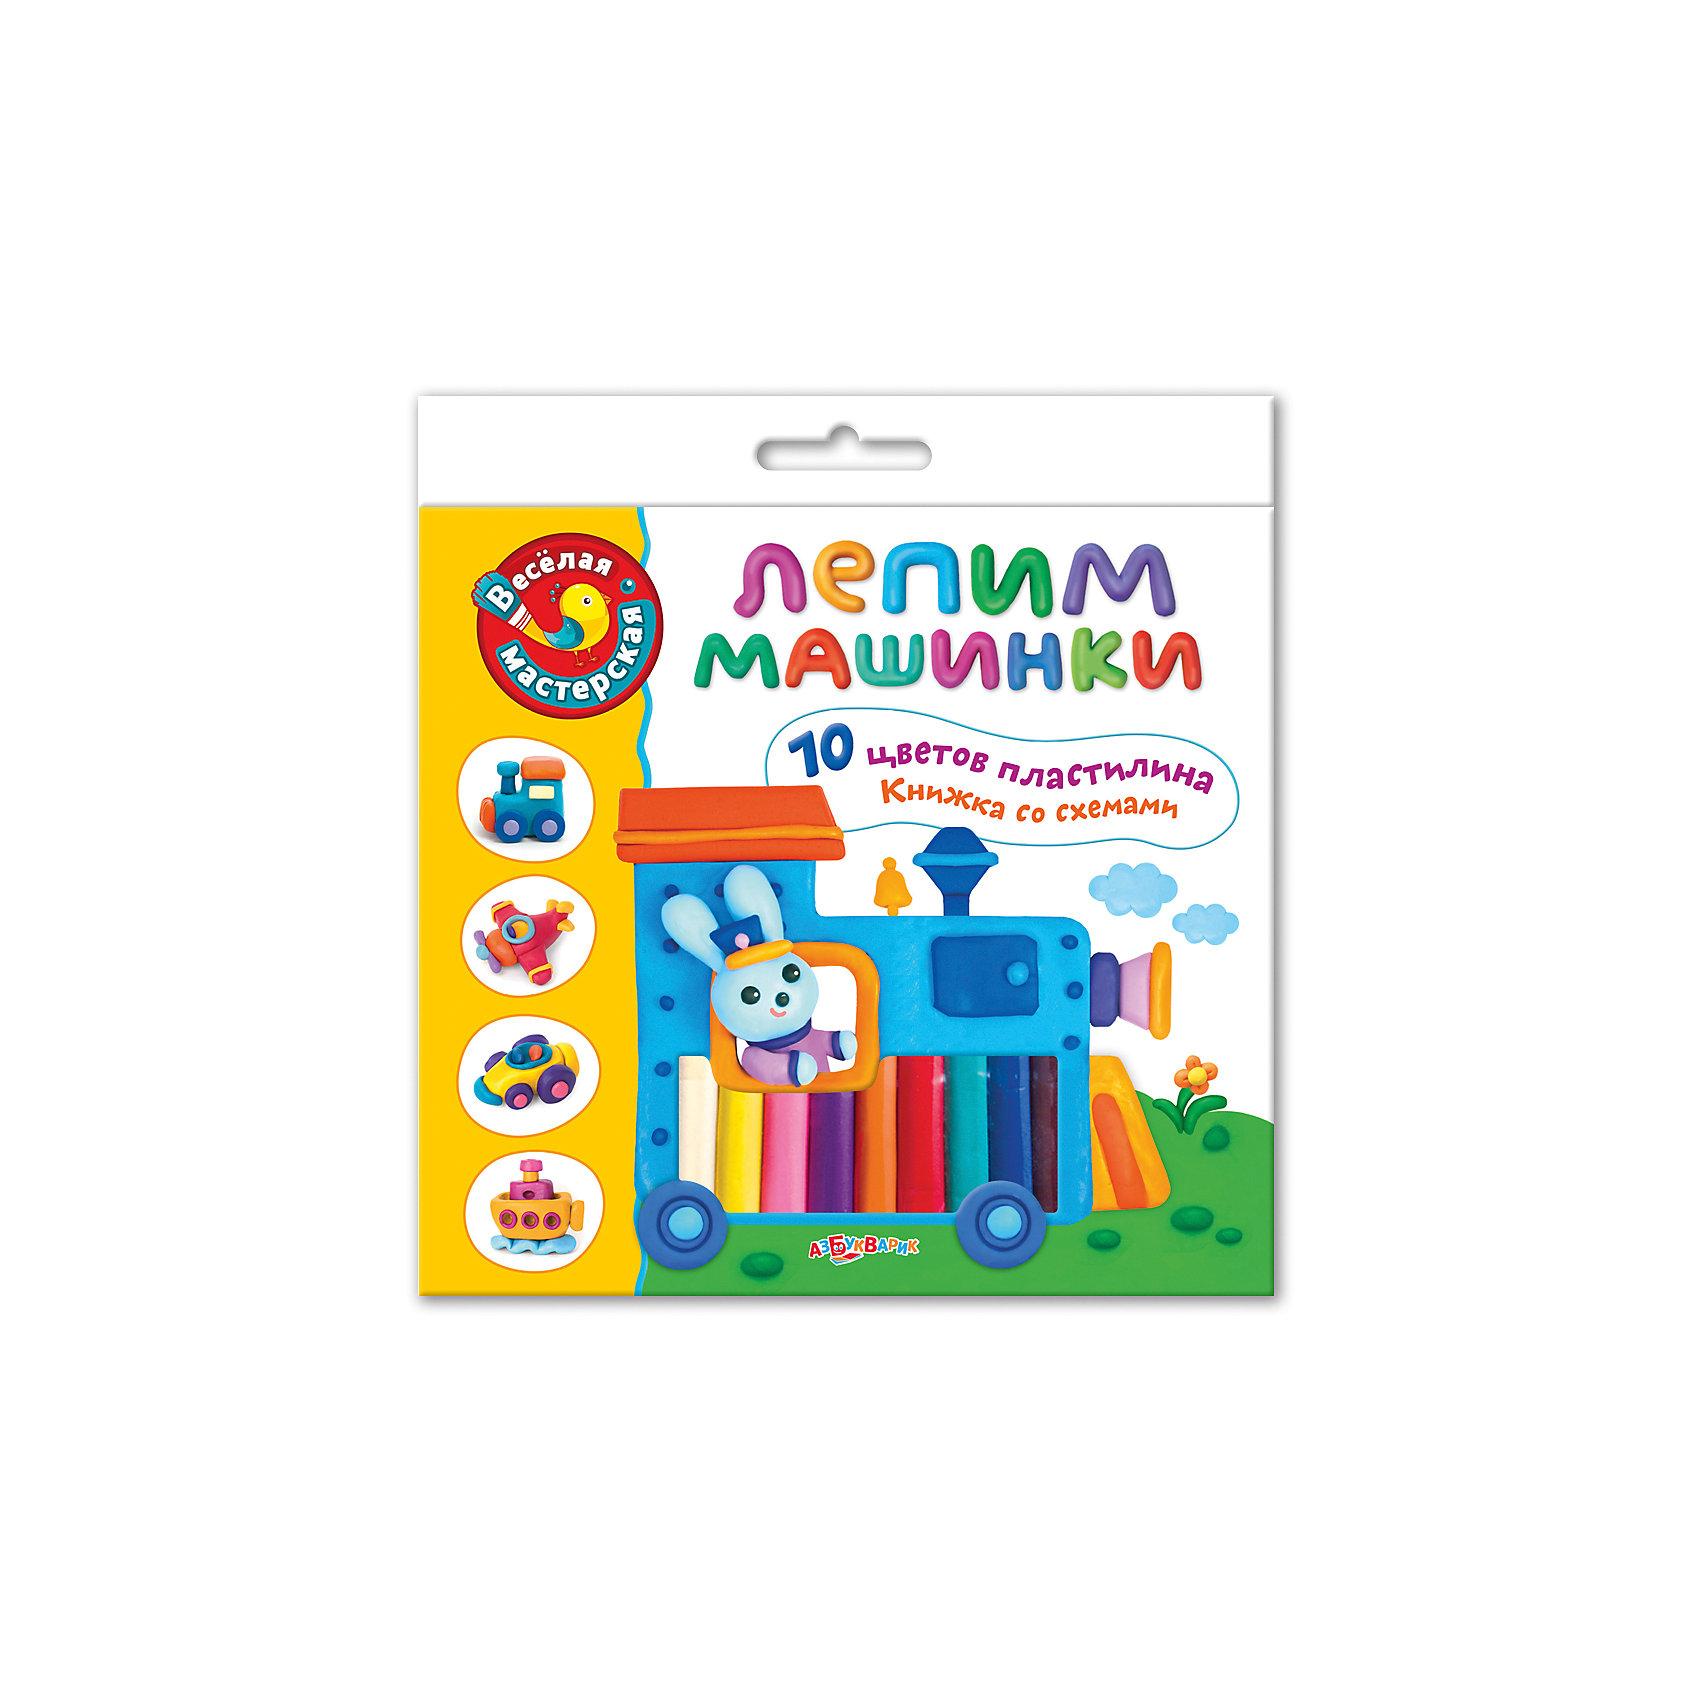 Лепим машинкиМузыкальные книги<br>Набор пластилина Лепим машинки состоит из десяти плиток пластилина разного цвета и веселой книжки со стихами и схемами лепки. Такой набор - оптимальный вариант для тех, кто только знакомится с лепкой. Здесь представлены основные цвета, с помощью которых можно лепить не только машинки!<br>Игры с пластилином помогут развить у ребенка воображение, цветовое восприятие, творческие способности, мелкую моторику. Этот пластилин создан специально для детей из безопасных для ребенка материалов.<br><br>Дополнительная информация:<br><br>10 цветов;<br>в комплекте - книга о стихами и схемами лепки;<br>упаковка: картонная коробка;<br>размер упаковки: 180х204 мм.<br><br>Набор для творчества Лепим машинки от компании Азбукварик можно купить в нашем магазине.<br><br>Ширина мм: 204<br>Глубина мм: 15<br>Высота мм: 180<br>Вес г: 270<br>Возраст от месяцев: 24<br>Возраст до месяцев: 48<br>Пол: Унисекс<br>Возраст: Детский<br>SKU: 4729174